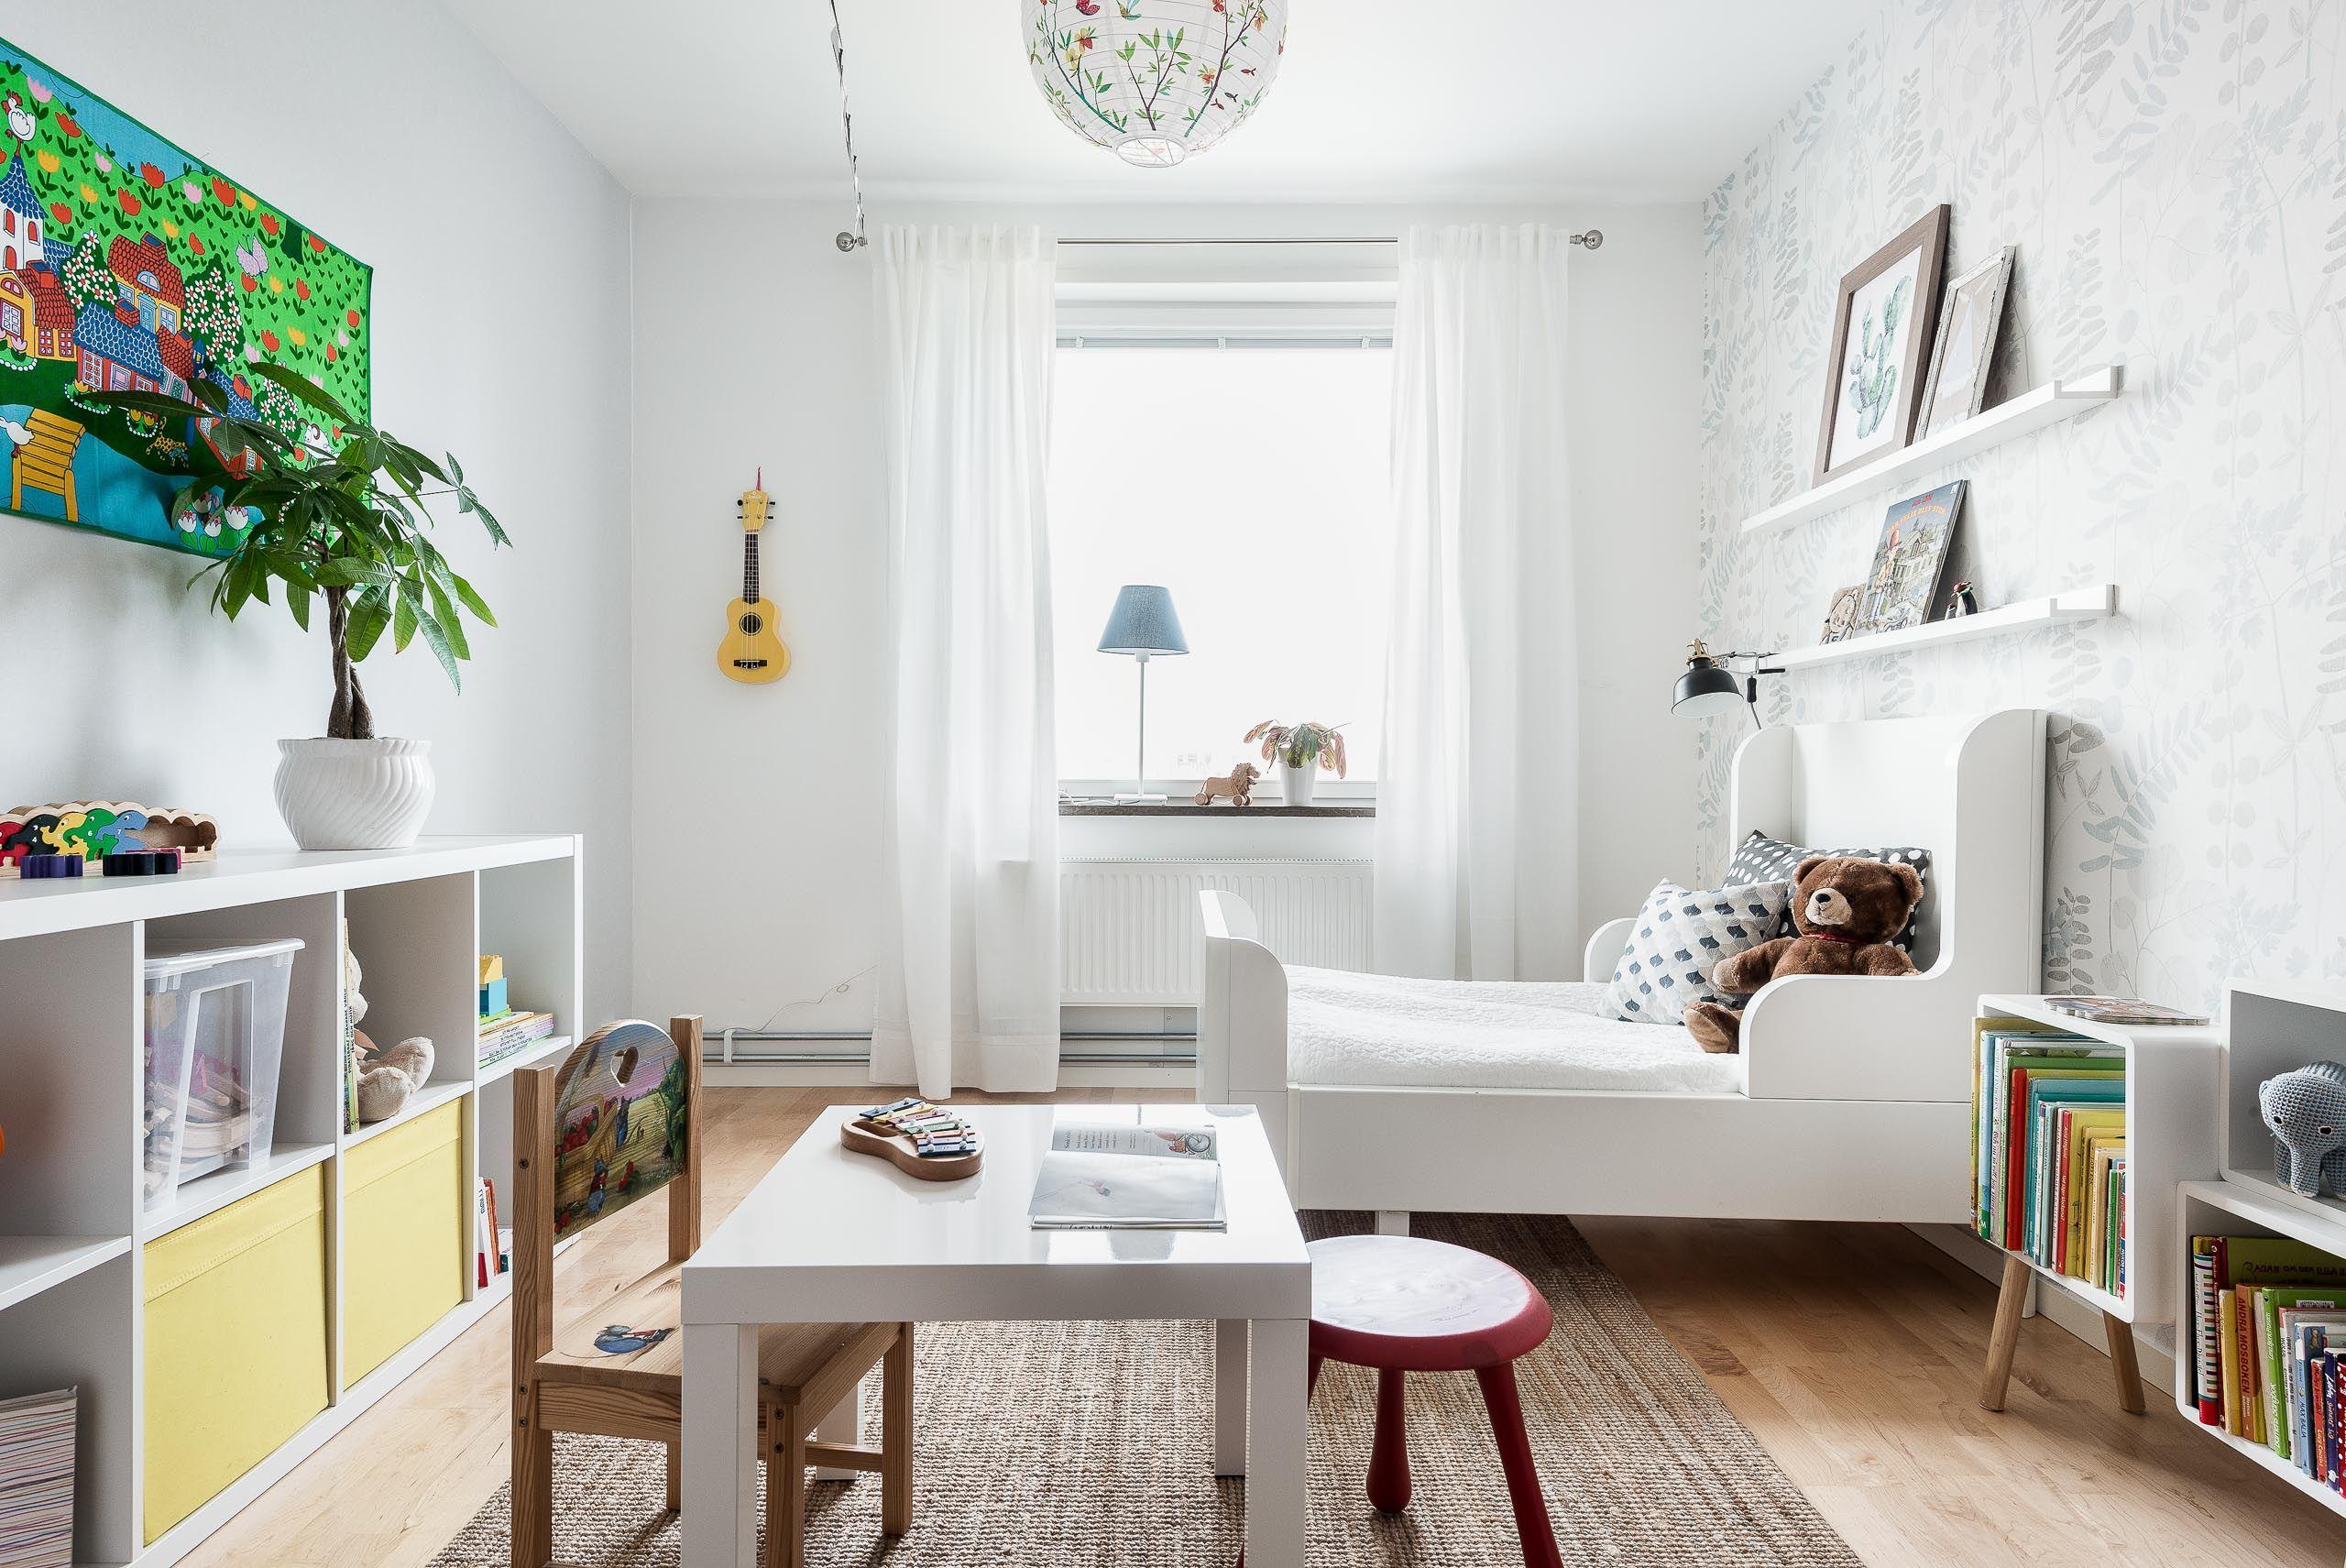 Lundin Fastighetsbyrå - Klamparegatan 5, Masthugget, Göteborg.